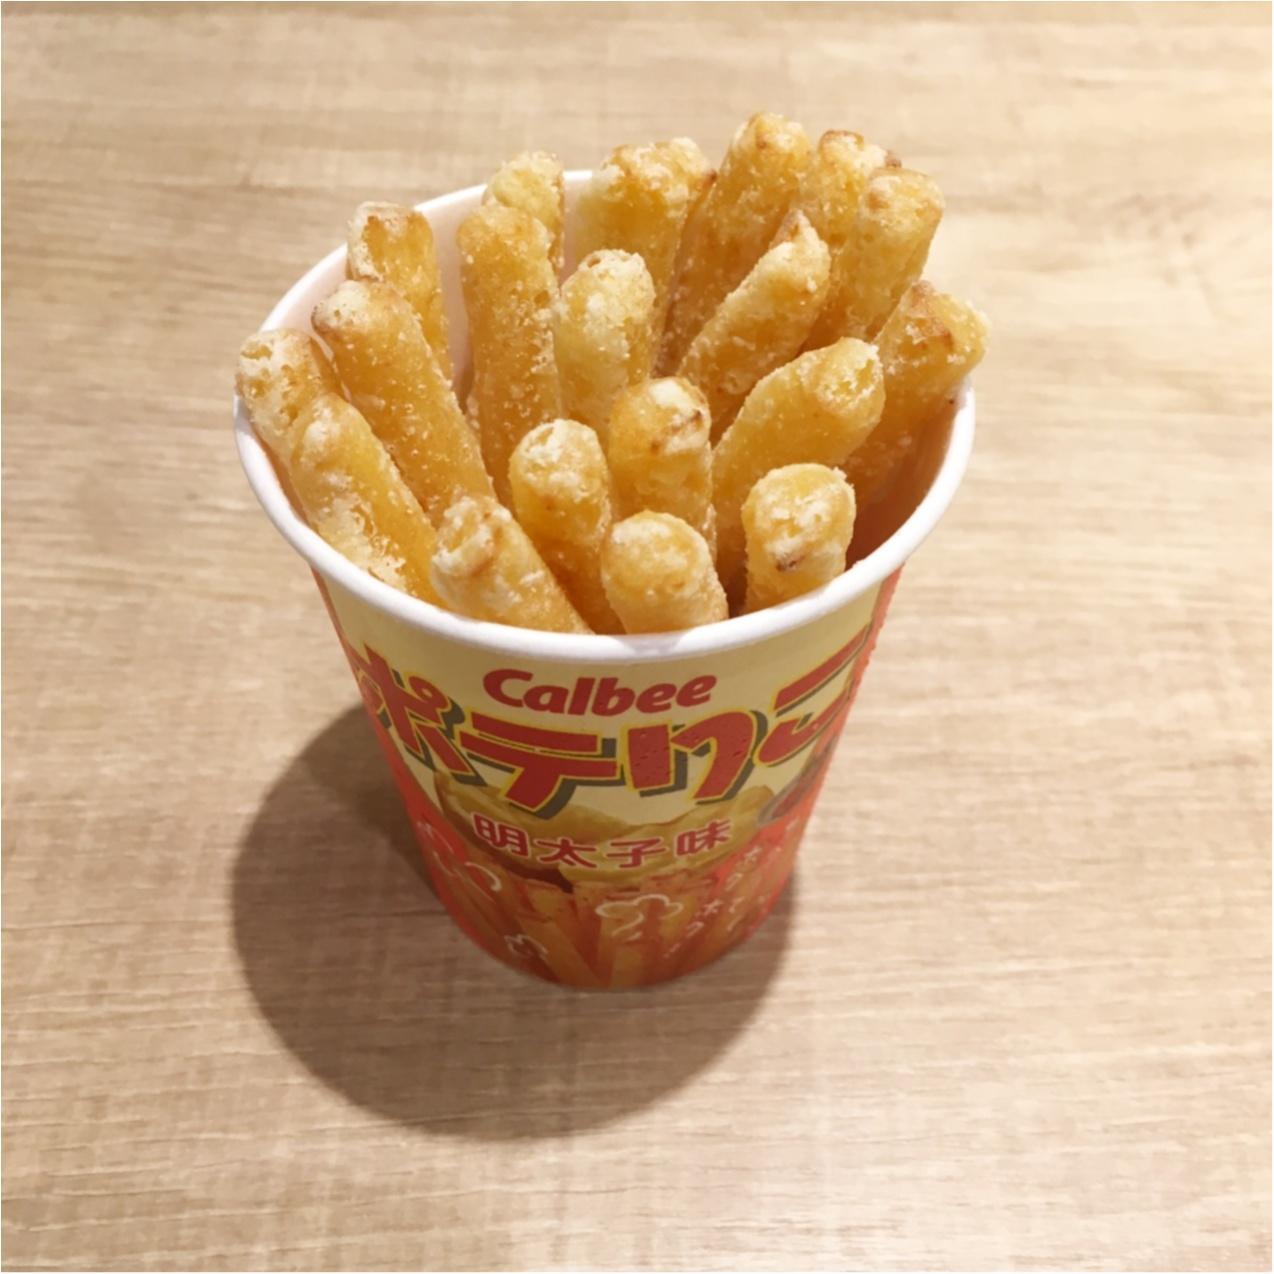 揚げたてホクホク!じゃがりこの新食感『 ポテりこ 』が美味しすぎる♡ 博多限定はあの有名な食材とのコラボ…♪_4